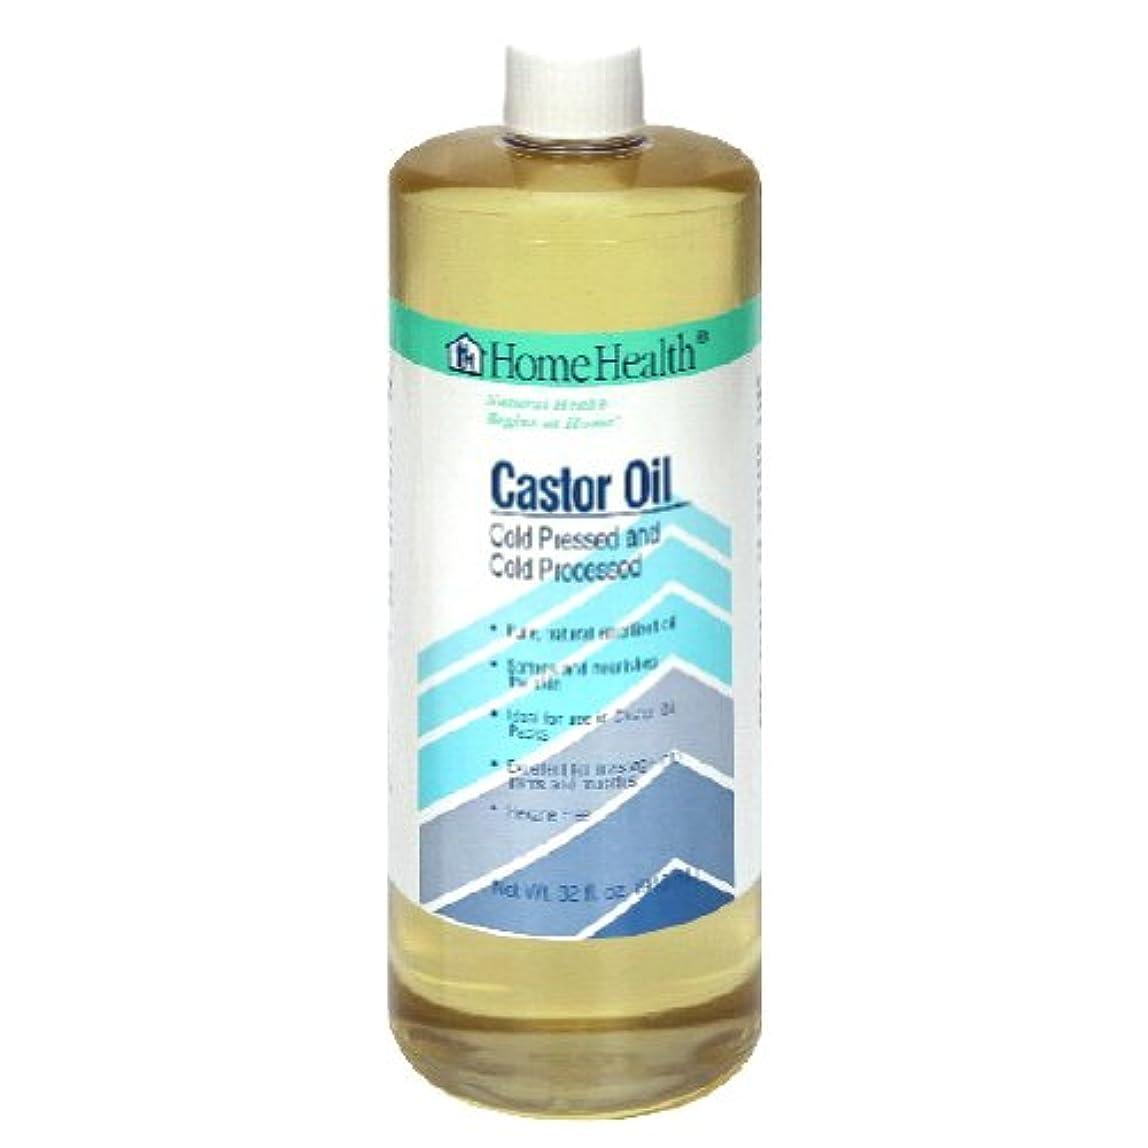 安西貢献司教Castor Oil - 32 fl oz by Home Health